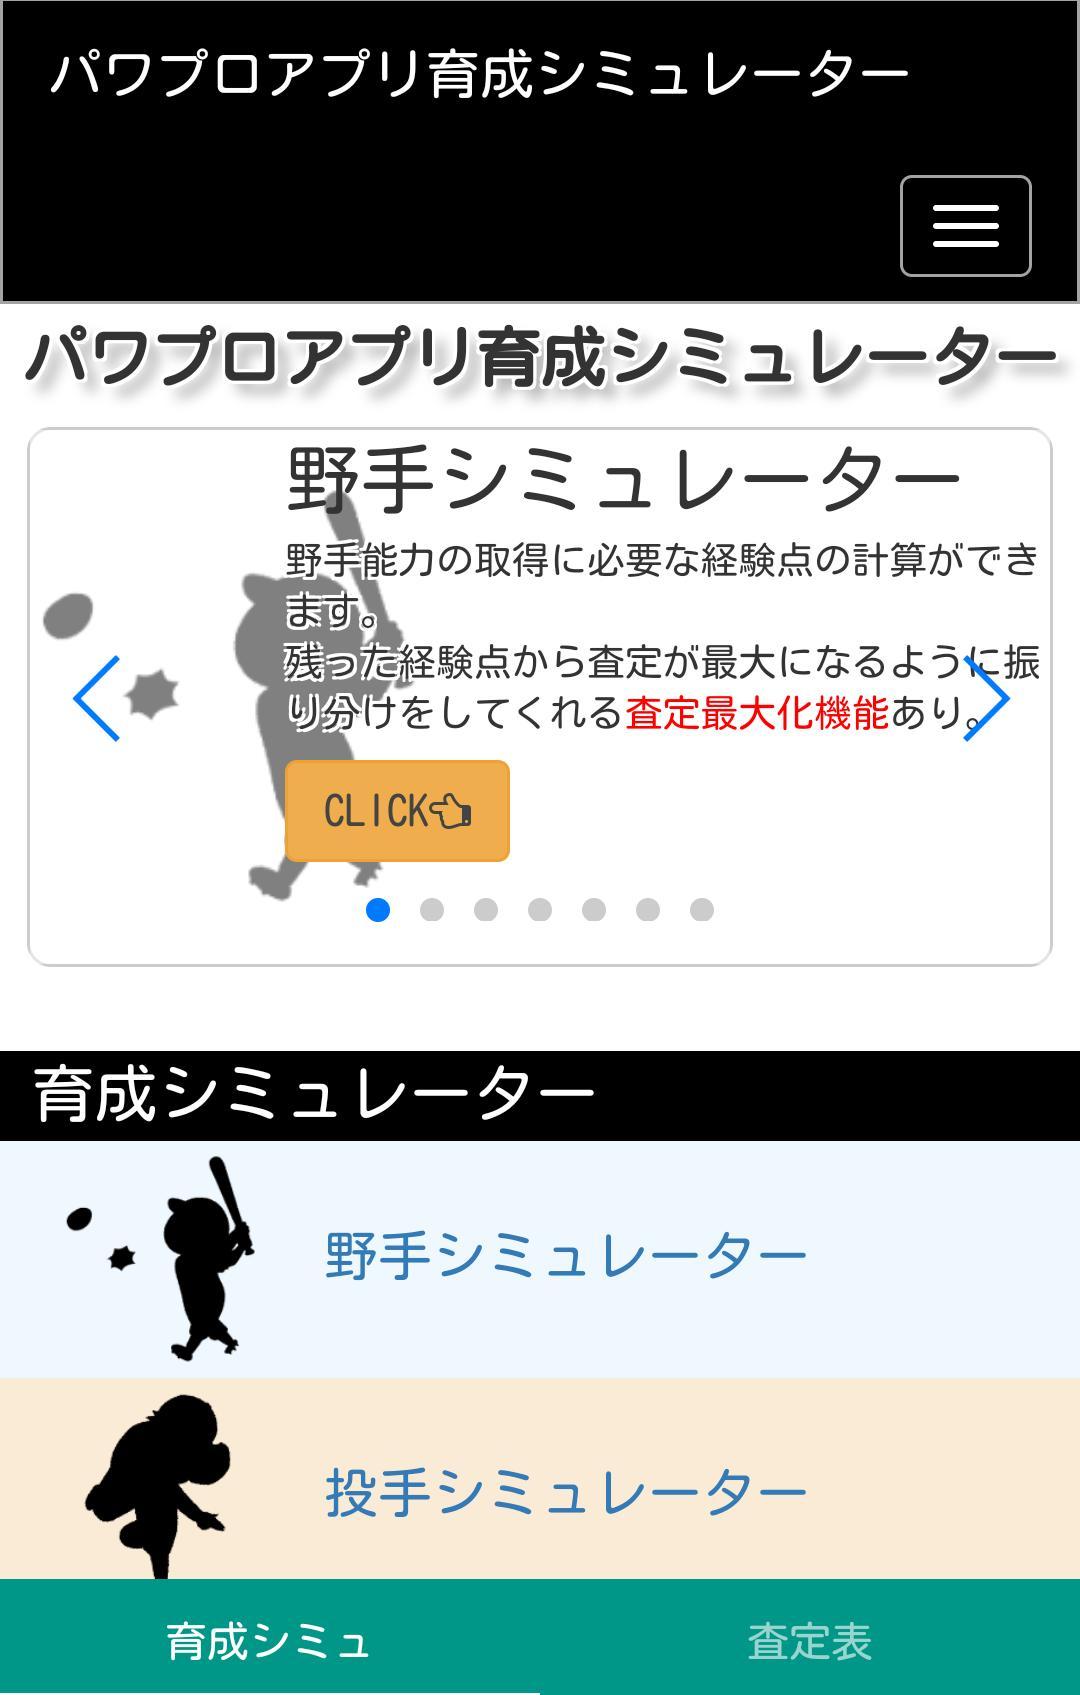 査定 パワプロ アプリ 投手